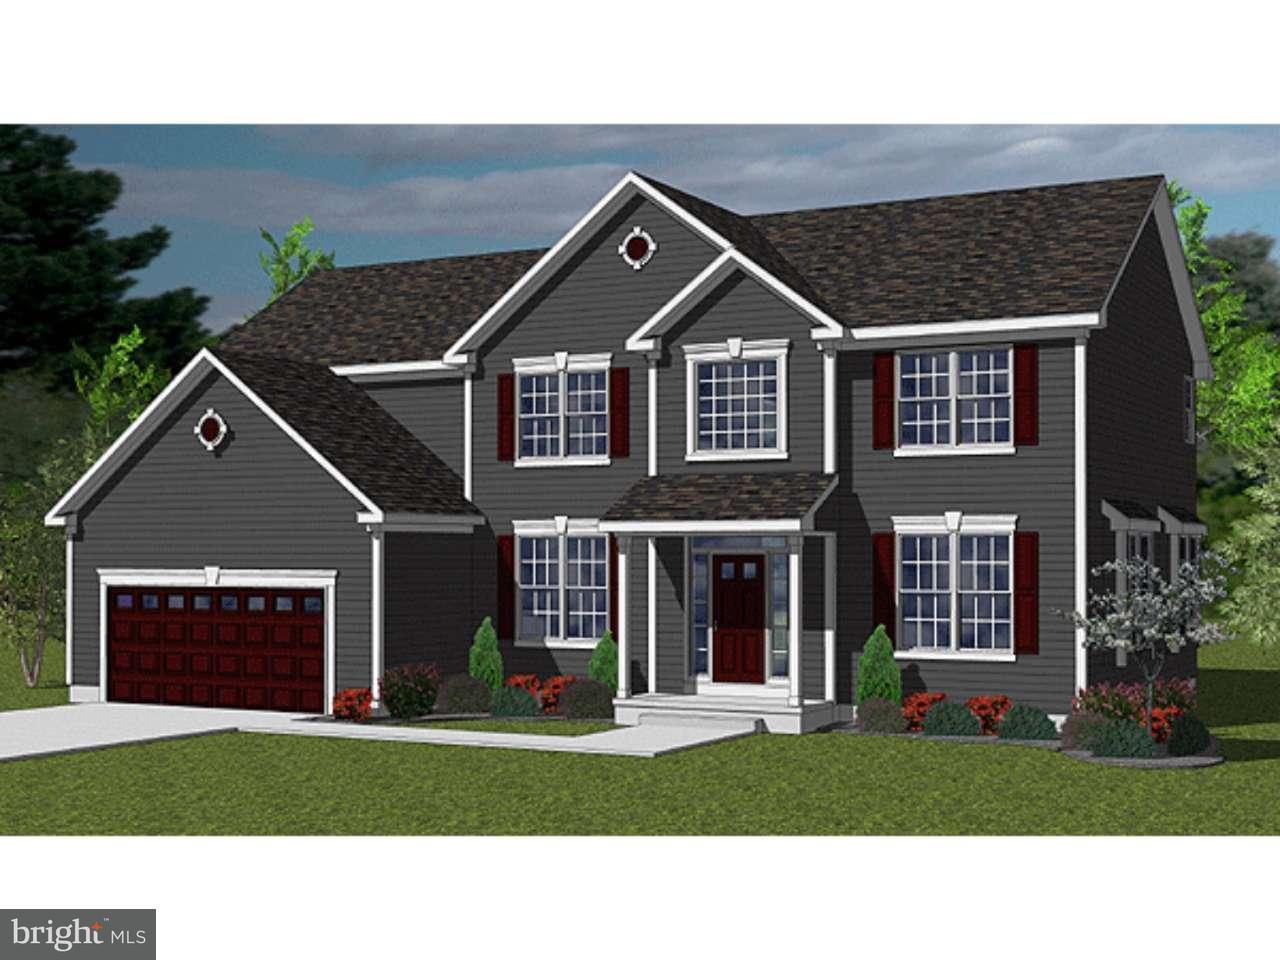 Maison unifamiliale pour l Vente à L11.02 THREE BRIDGE Road Monroeville, New Jersey 08343 États-Unis